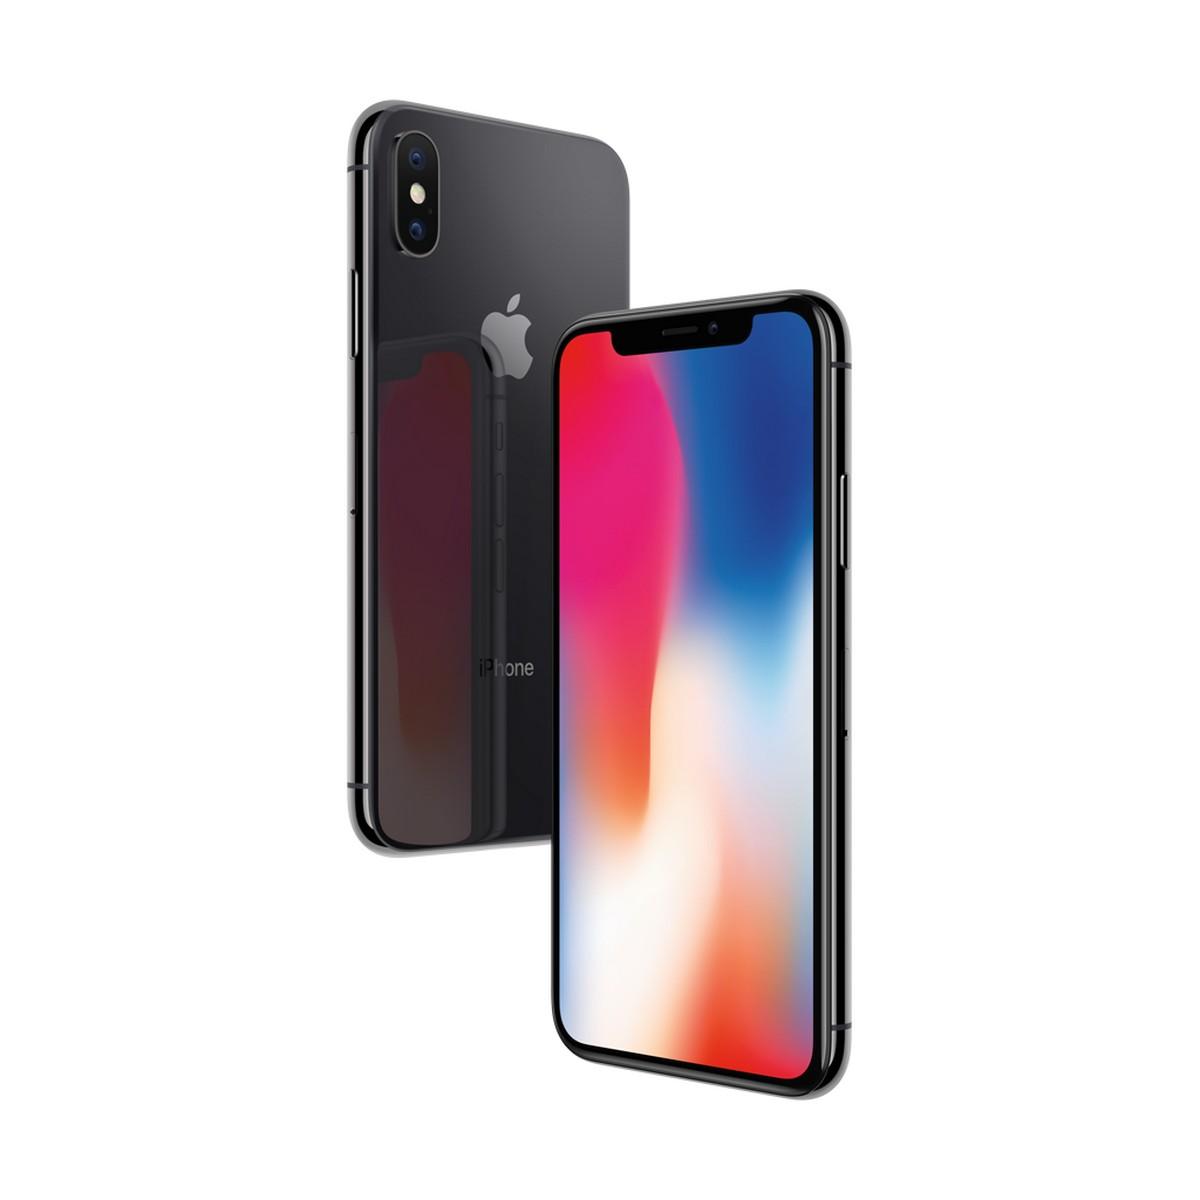 apple iphone x 256gb купить